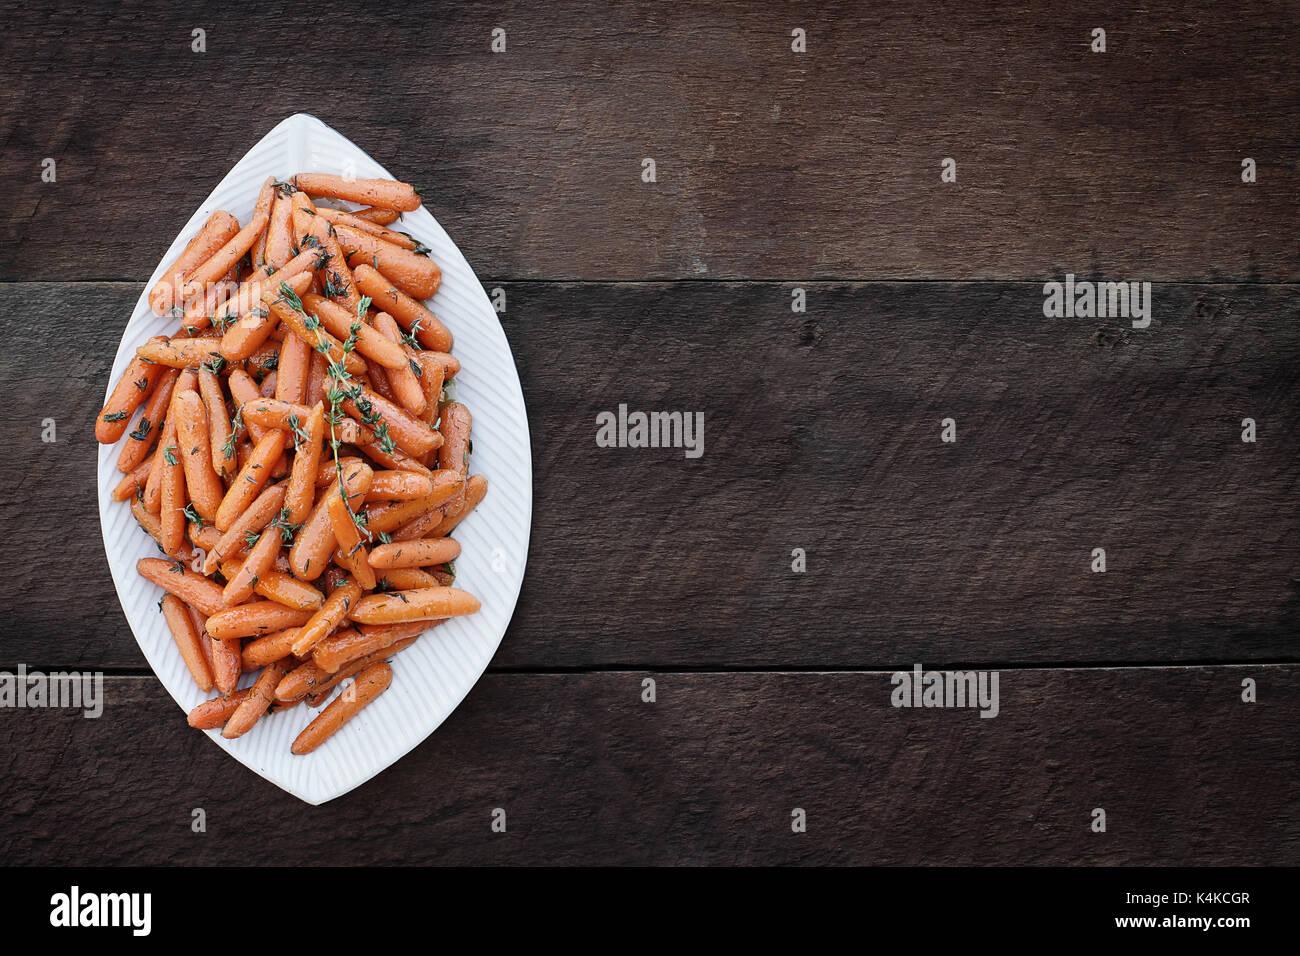 Honig glasierte Karotten und alten hölzernen Löffel. Bild geschossen von oben in flatlay Stil. Stockbild